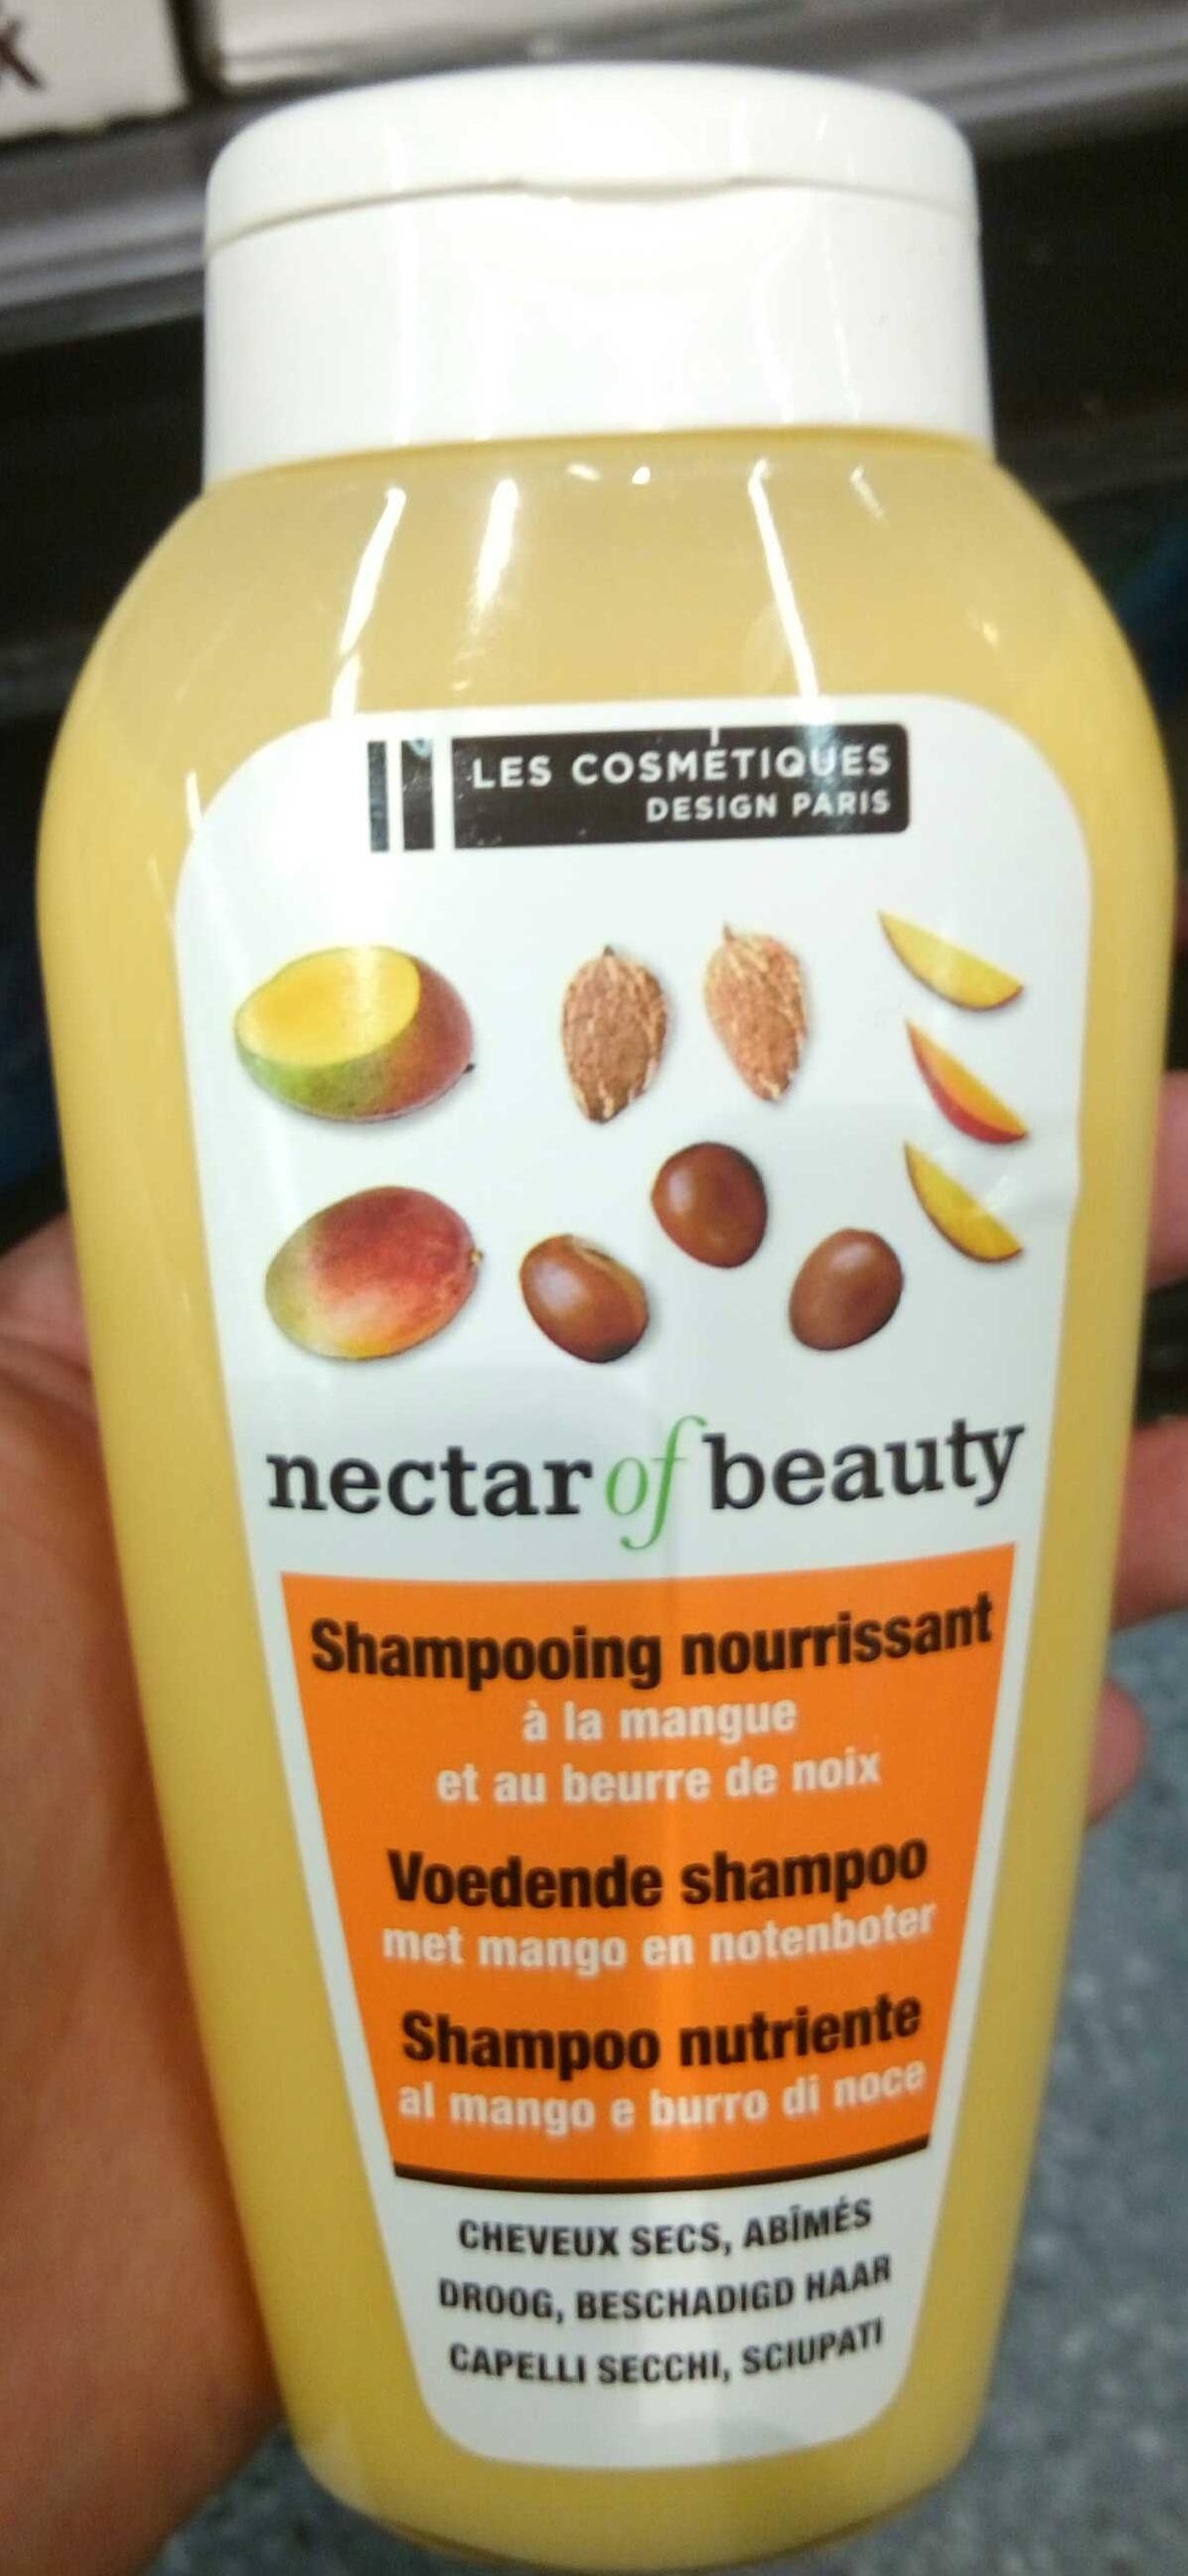 Shampooing nourrissant à la mangue et au beurre de noix - Product - fr